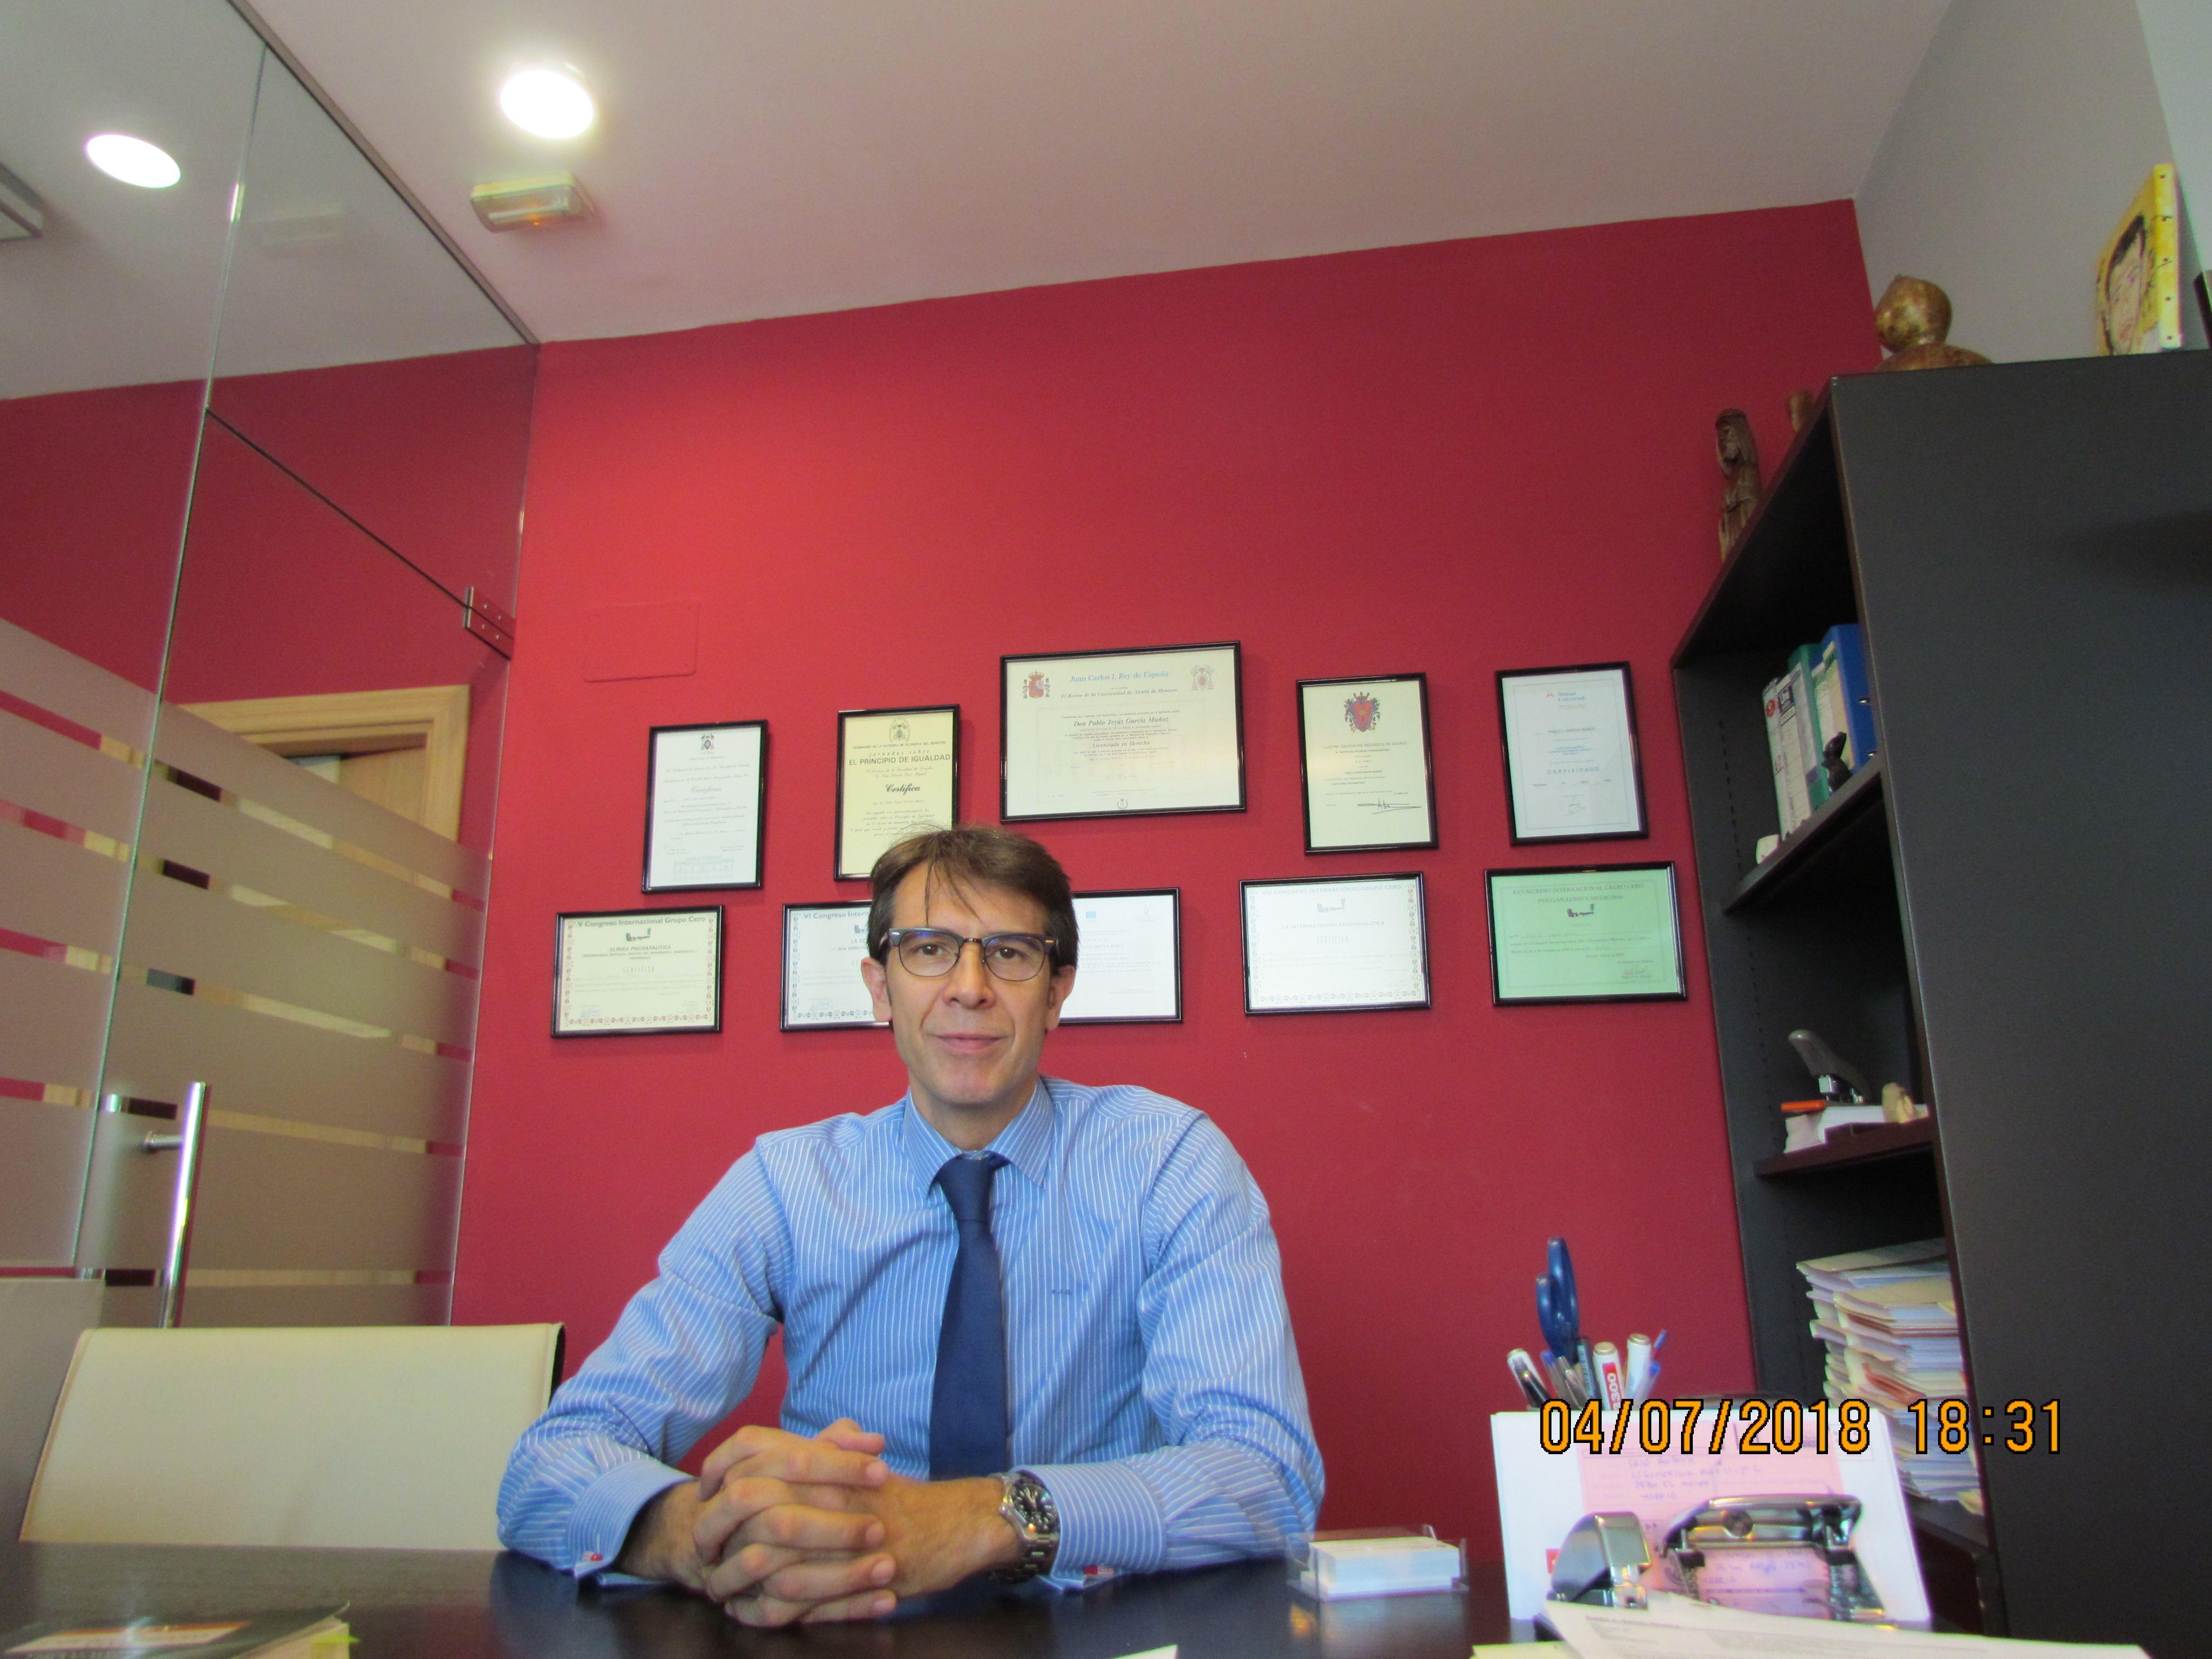 Asesoría: Servicios de Valdavia Asesores, S.L.P.